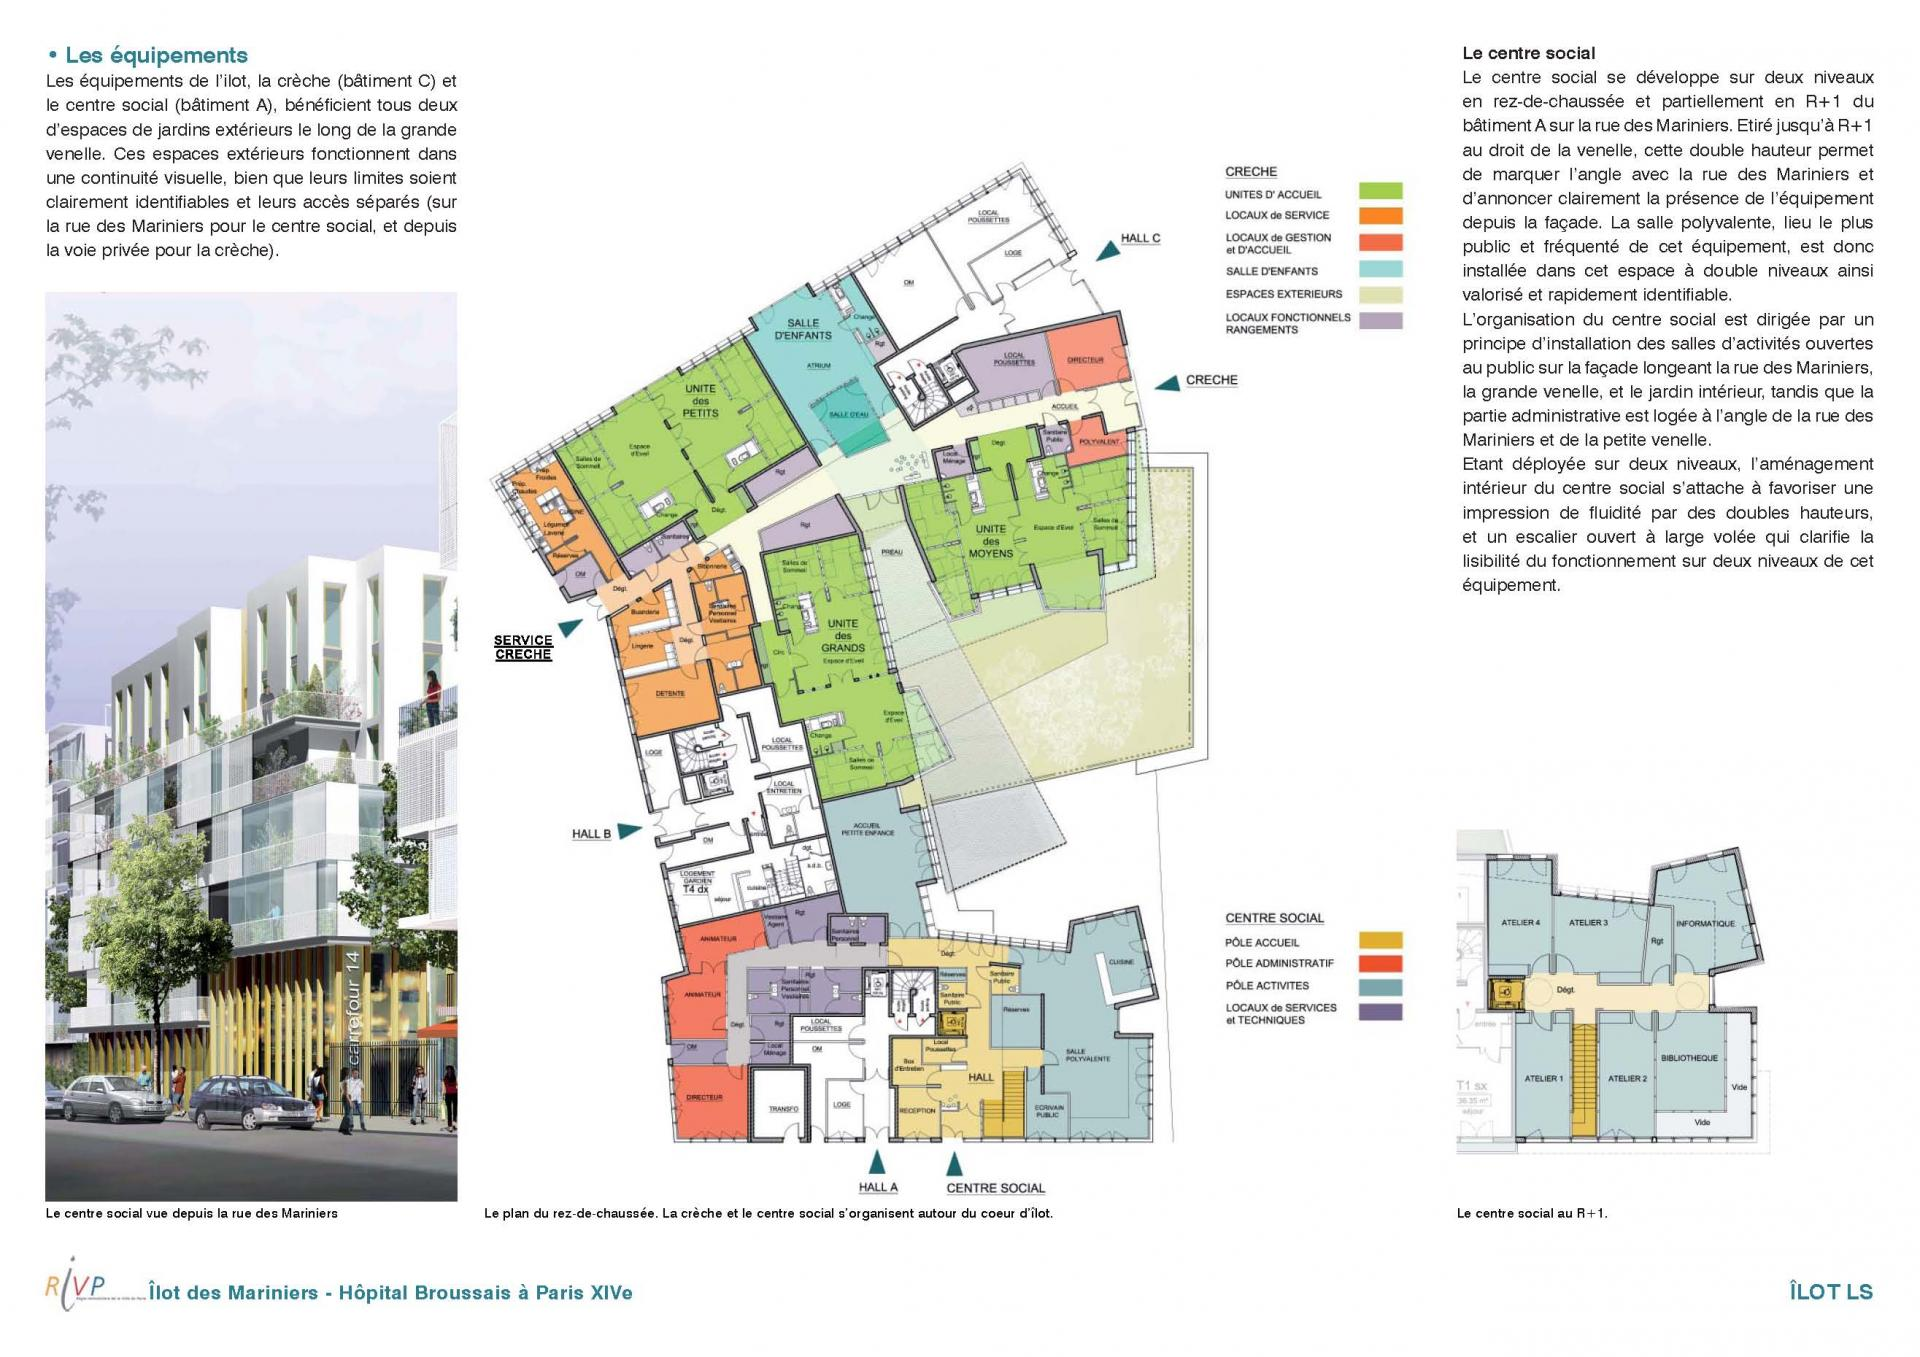 Cdc broussais logements page 10